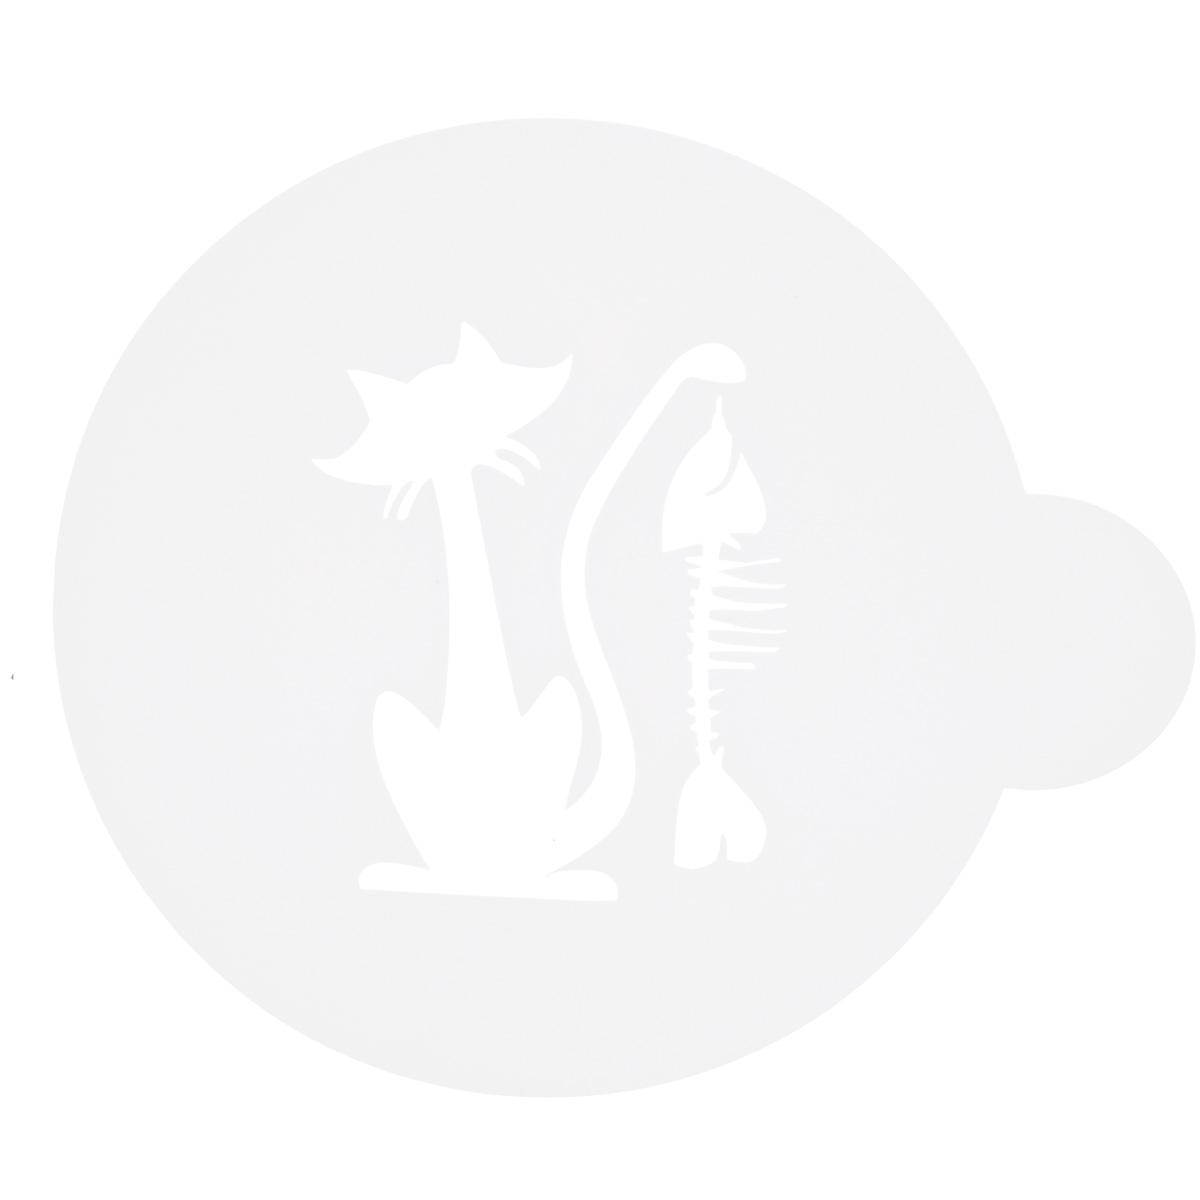 Трафарет на кофе и десерты Леденцовая фабрика Кошка с рыбой, диаметр 10 см94672Трафарет представляет собой пластину с прорезями, через которые пищевая краска (сахарная пудра, какао, шоколад, сливки, корица, дробленый орех) наносится на поверхность кофе, молочных коктейлей, десертов. Трафарет изготовлен из матового пищевого пластика 250 мкм и пригоден для контакта с пищевыми продуктами. Трафарет многоразовый. Побалуйте себя и ваших близких красиво оформленным кофе.